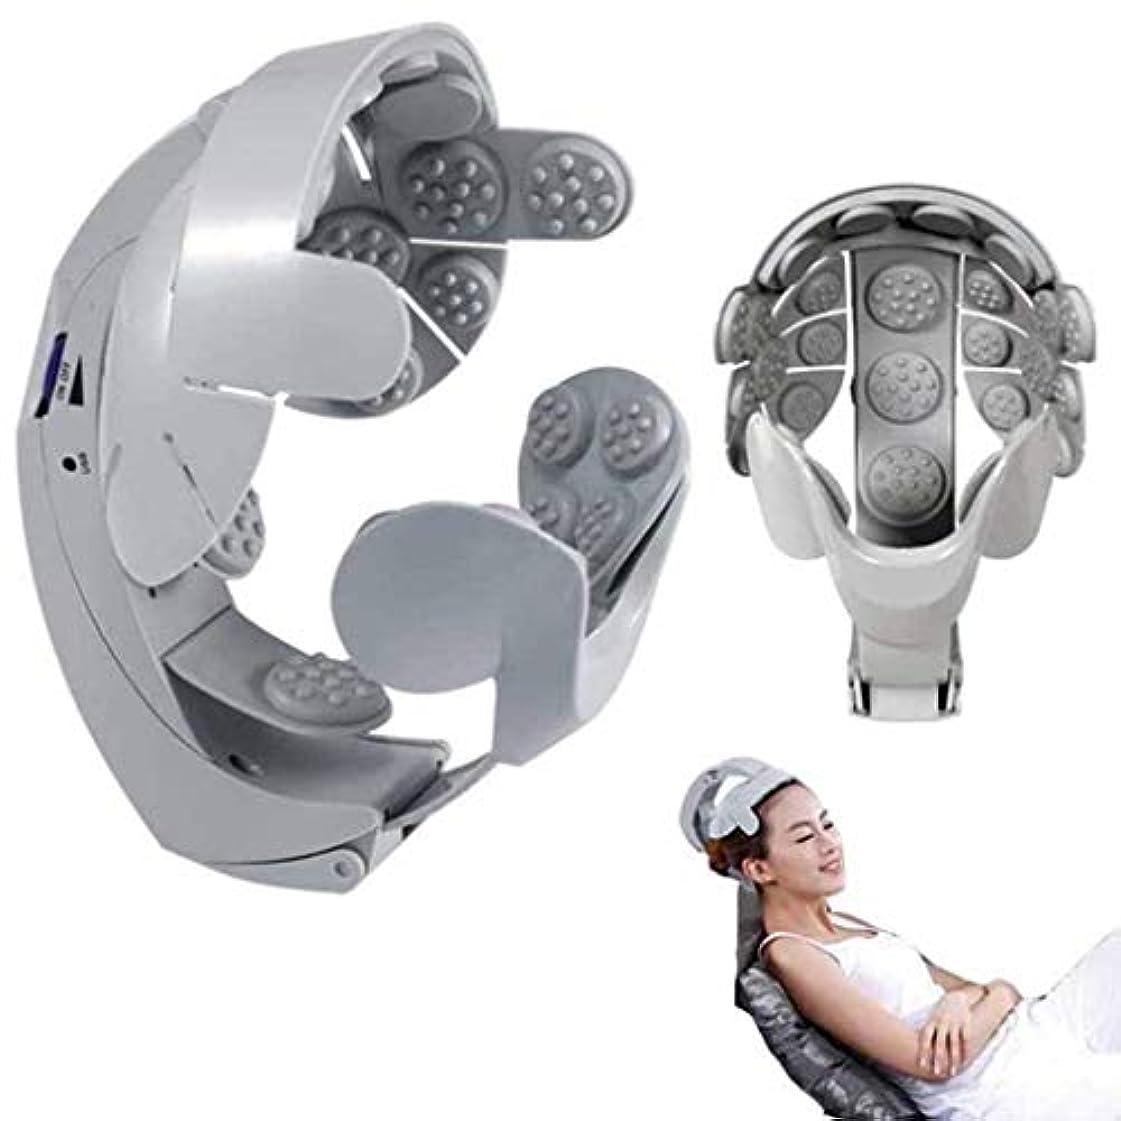 ドラフト再発する臭い電気ヘッドマッサージャー、8調整可能なヘルメット頭皮鍼治療のポイント、ユーザーフレンドリーなデザイン、脳マッサージは簡単です